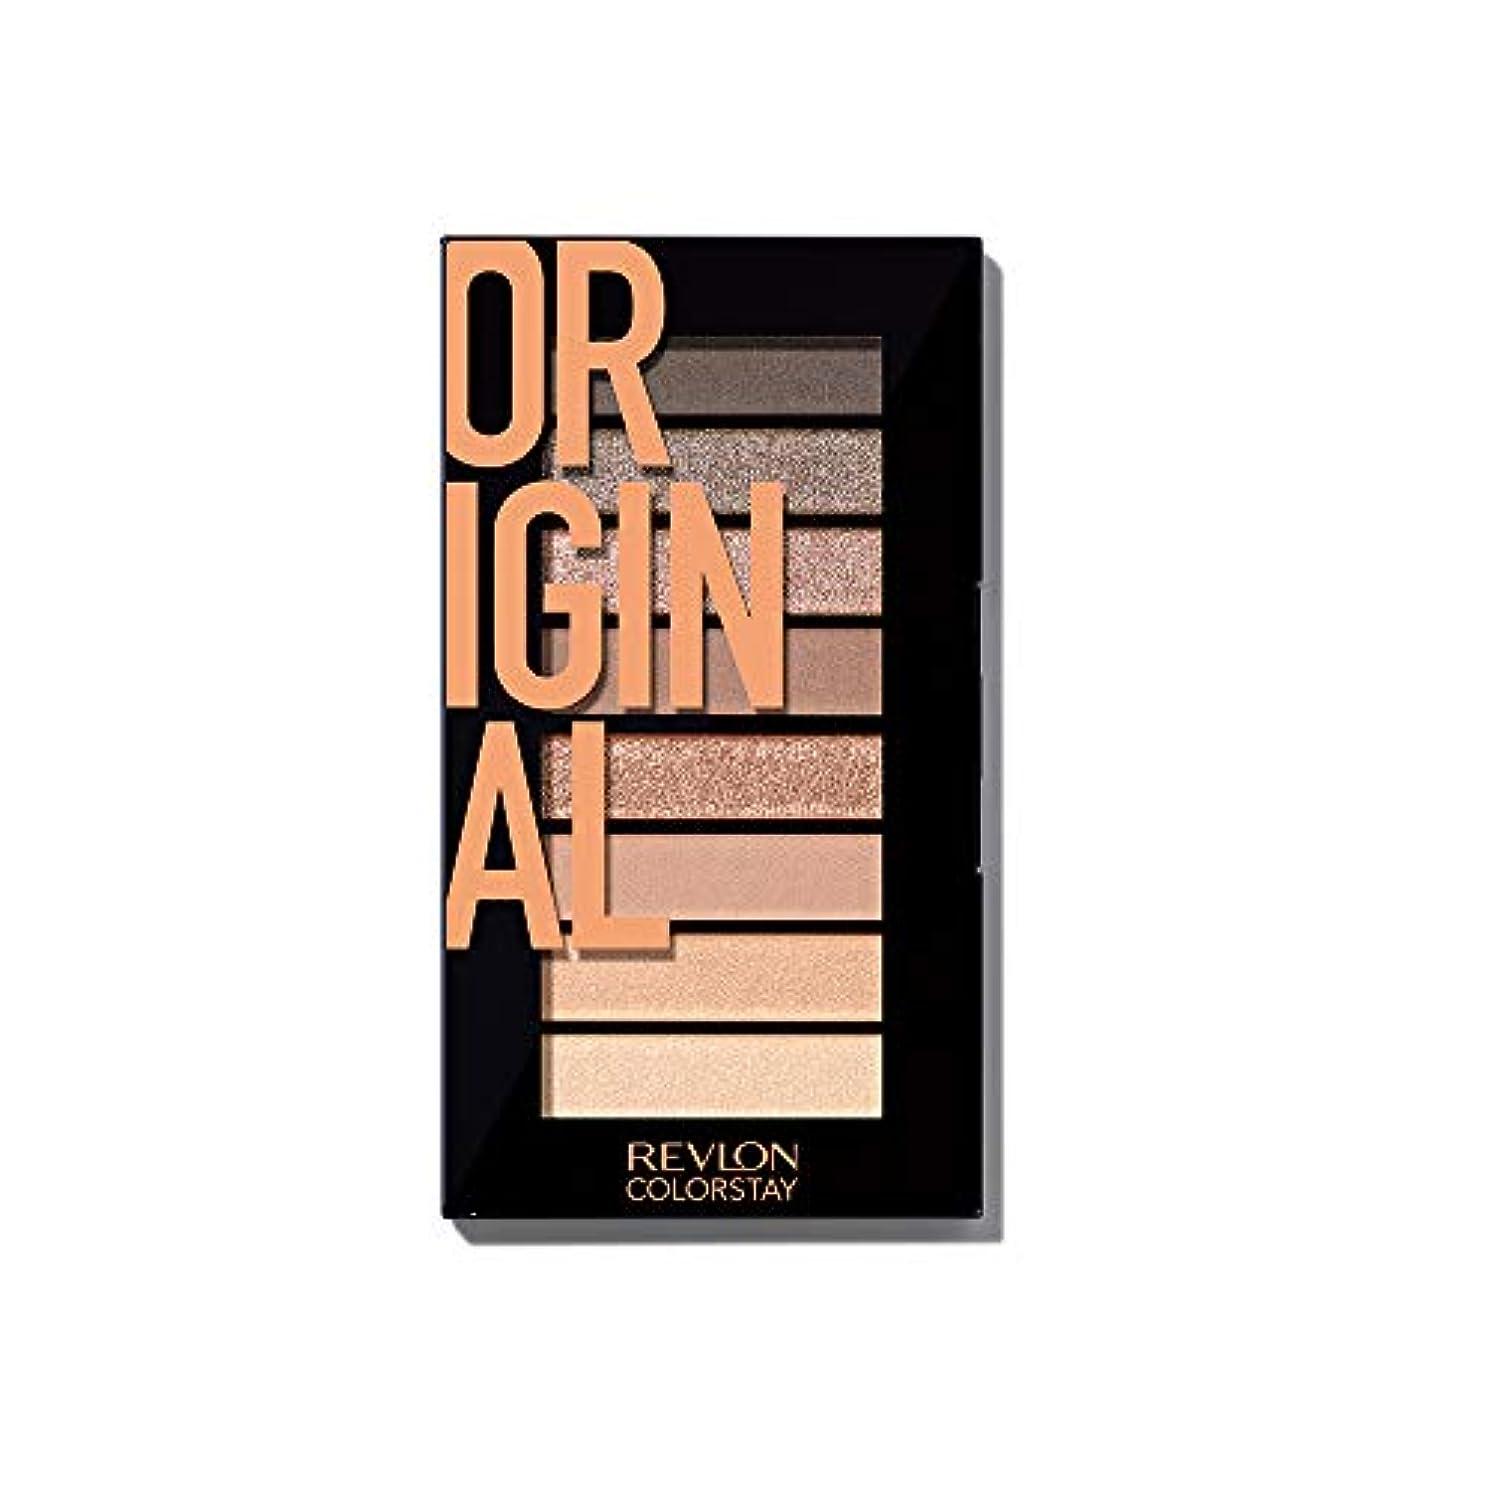 本物常習的考えるレブロン カラーステイ ルックス ブック パレット 900 オリジナル(カラーイメージ:ヌードベージュ系) アイシャドウ 900オリジナル 3.4g